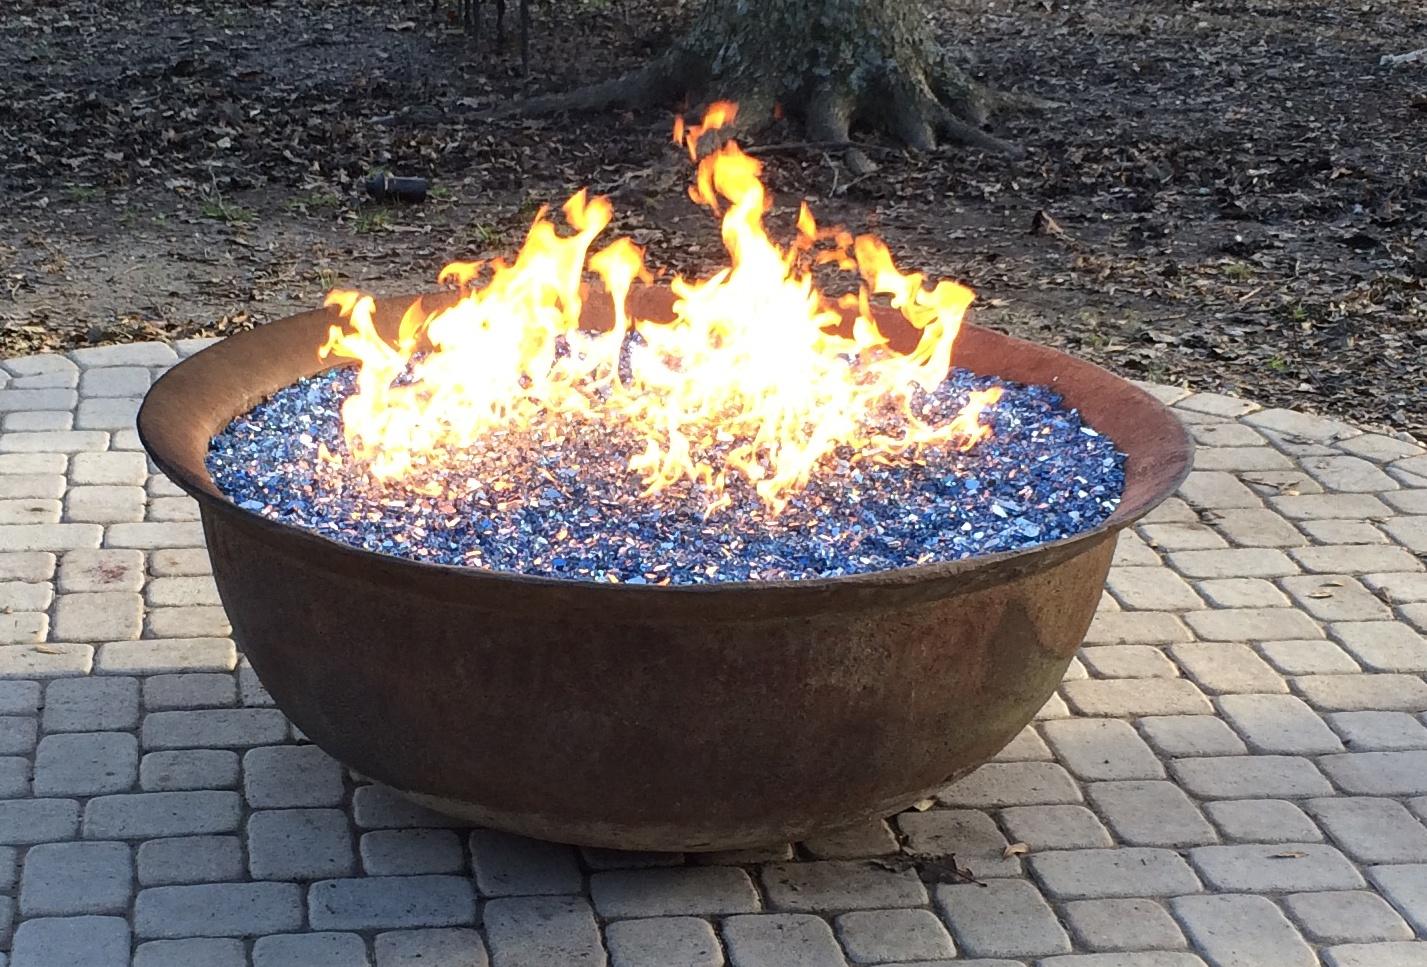 CUstom firepits